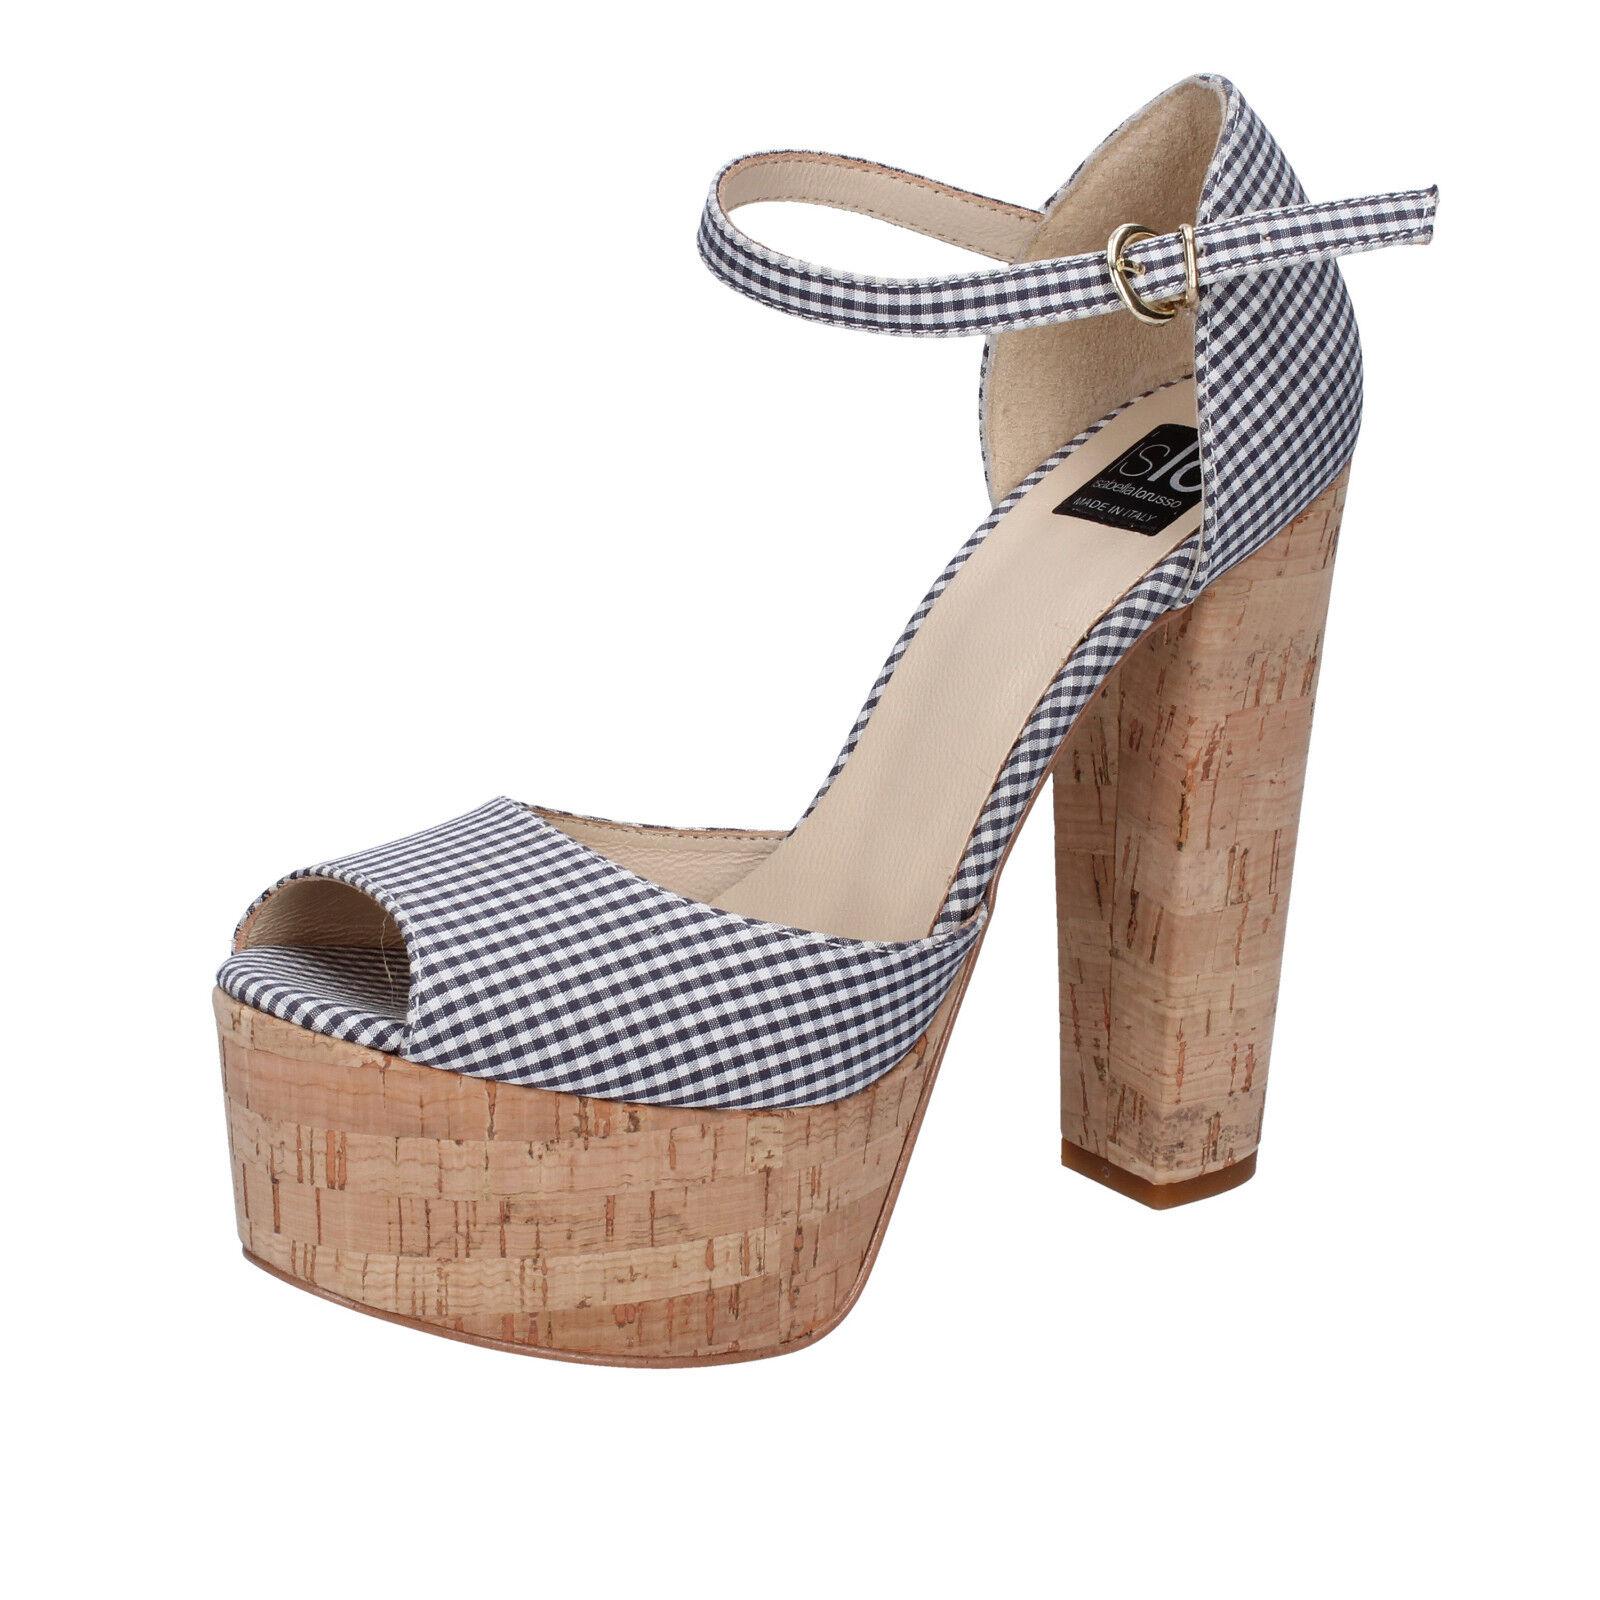 Scarpe donna ISLO ISABELLA LORUSSO 40 EU sandali nero bianco tessuto BZ223-F